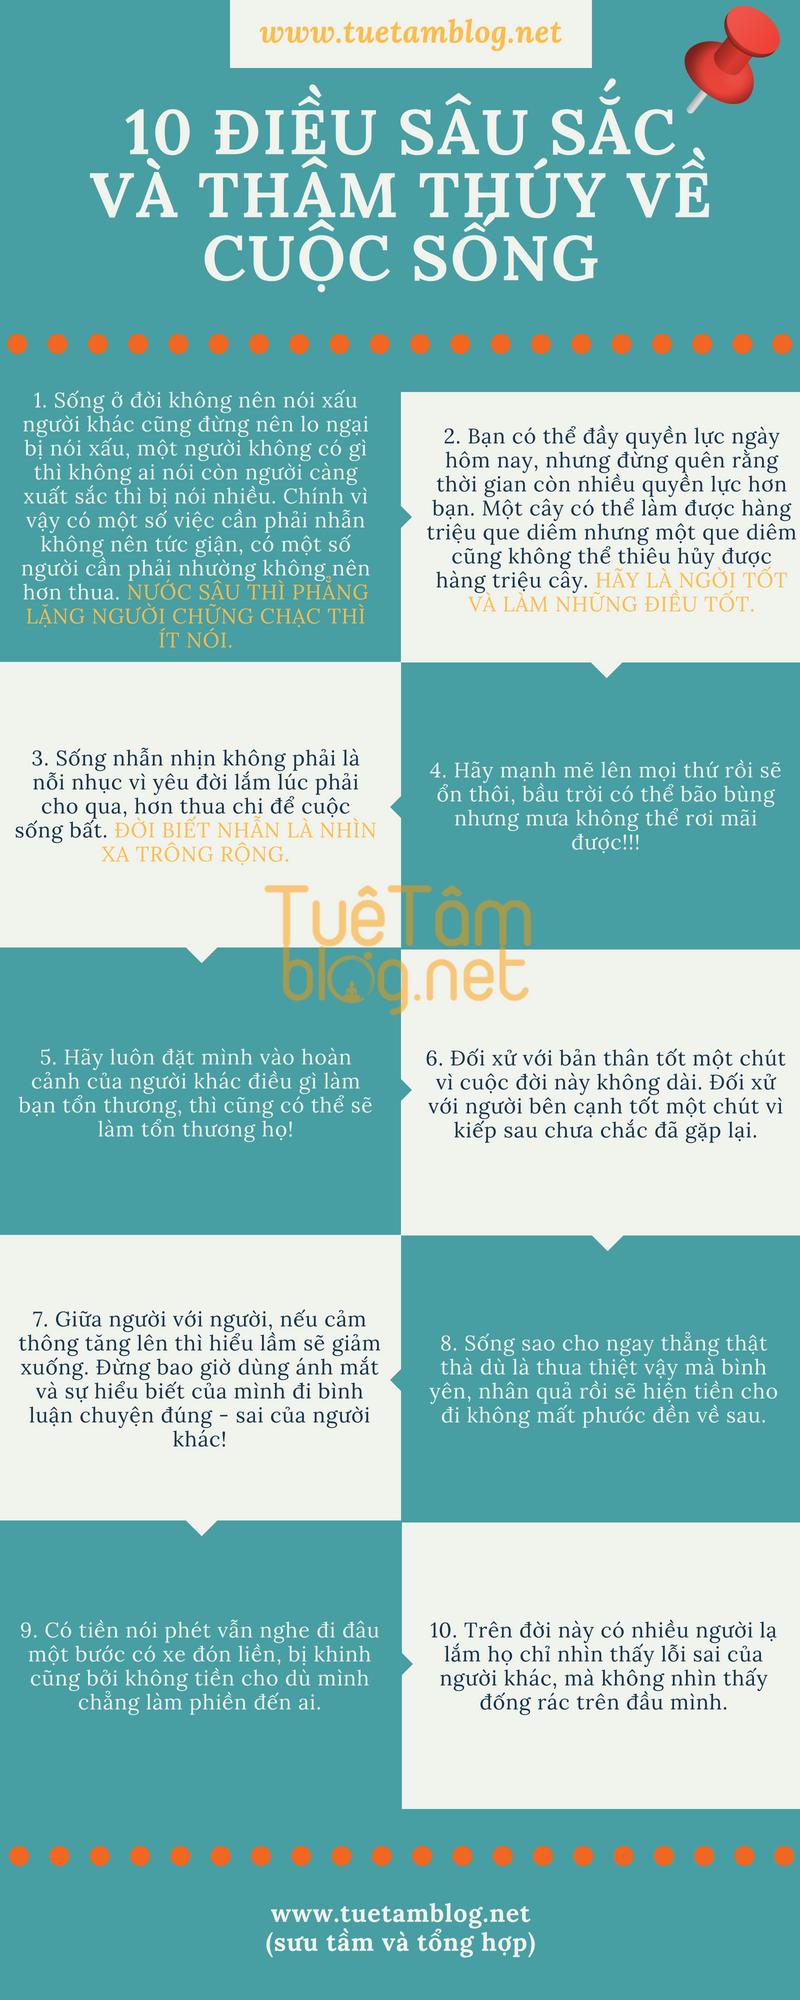 10 điều sâu sắc và thâm thúy về cuộc sống #quotes #infographic